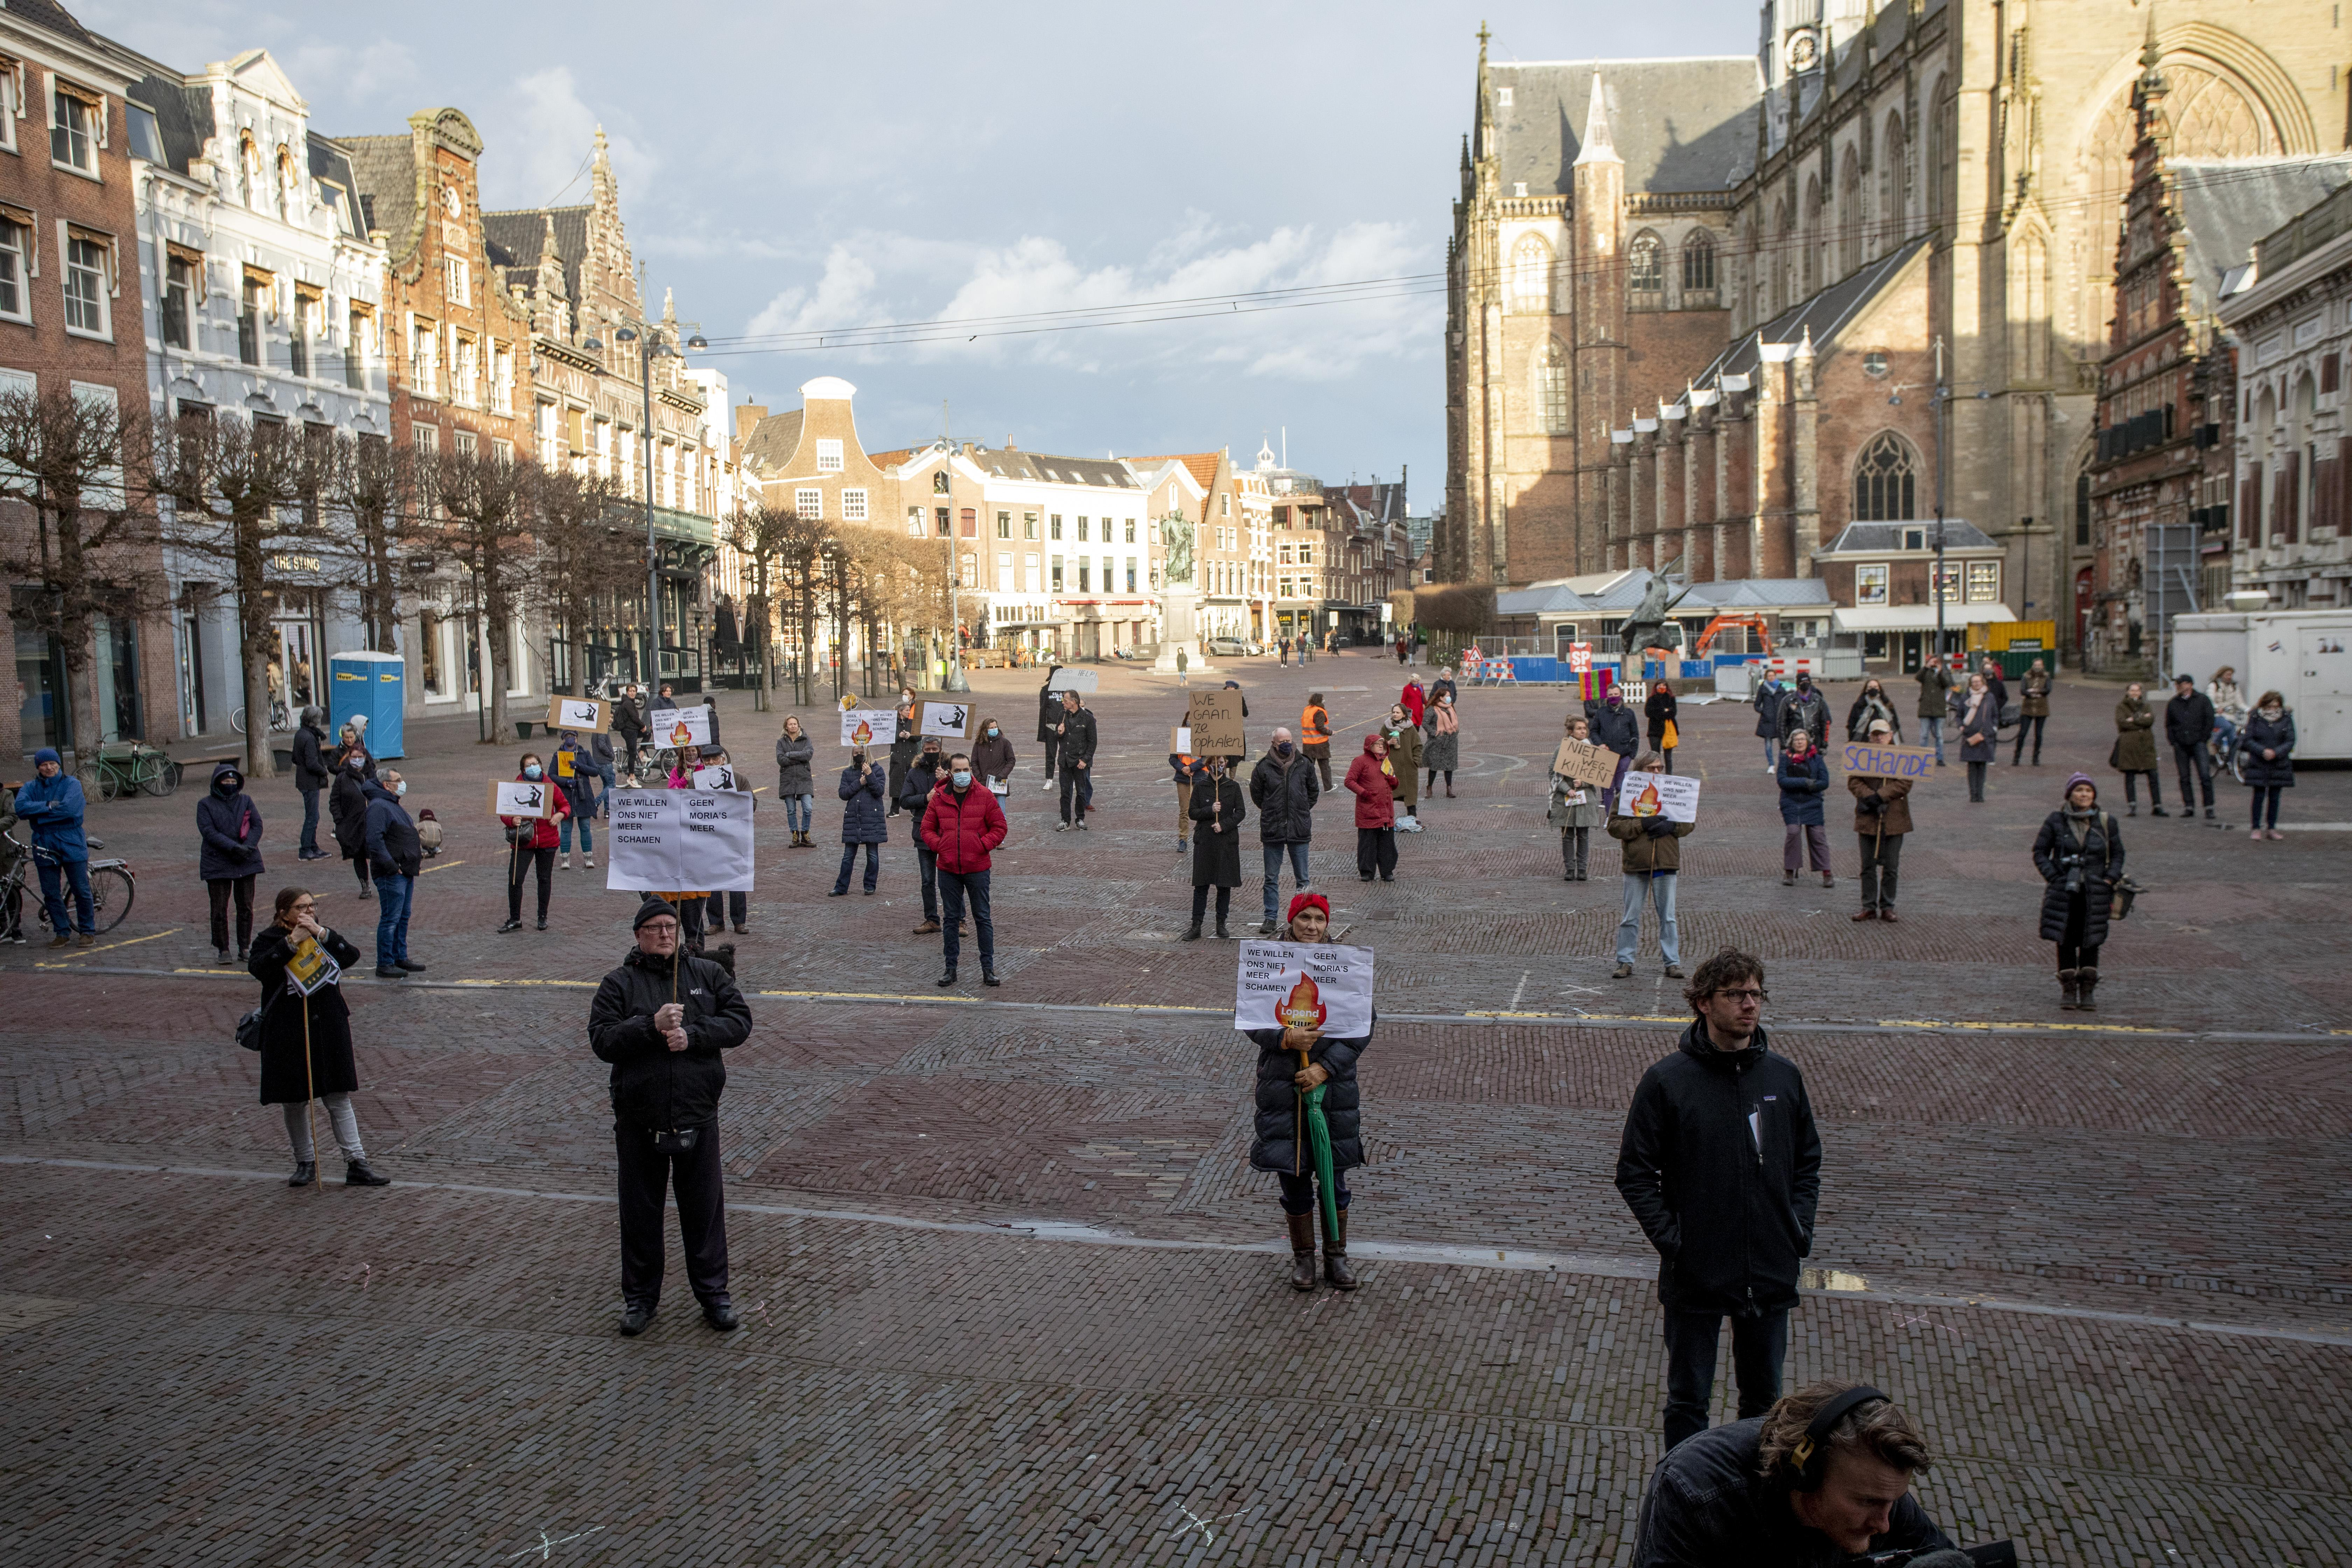 Demonstratie voor humaner vluchtelingenbeleid op Grote Markt in Haarlem. 'Ik hoop dat andere vluchtelingen net als ik een veilig thuis kunnen vinden'